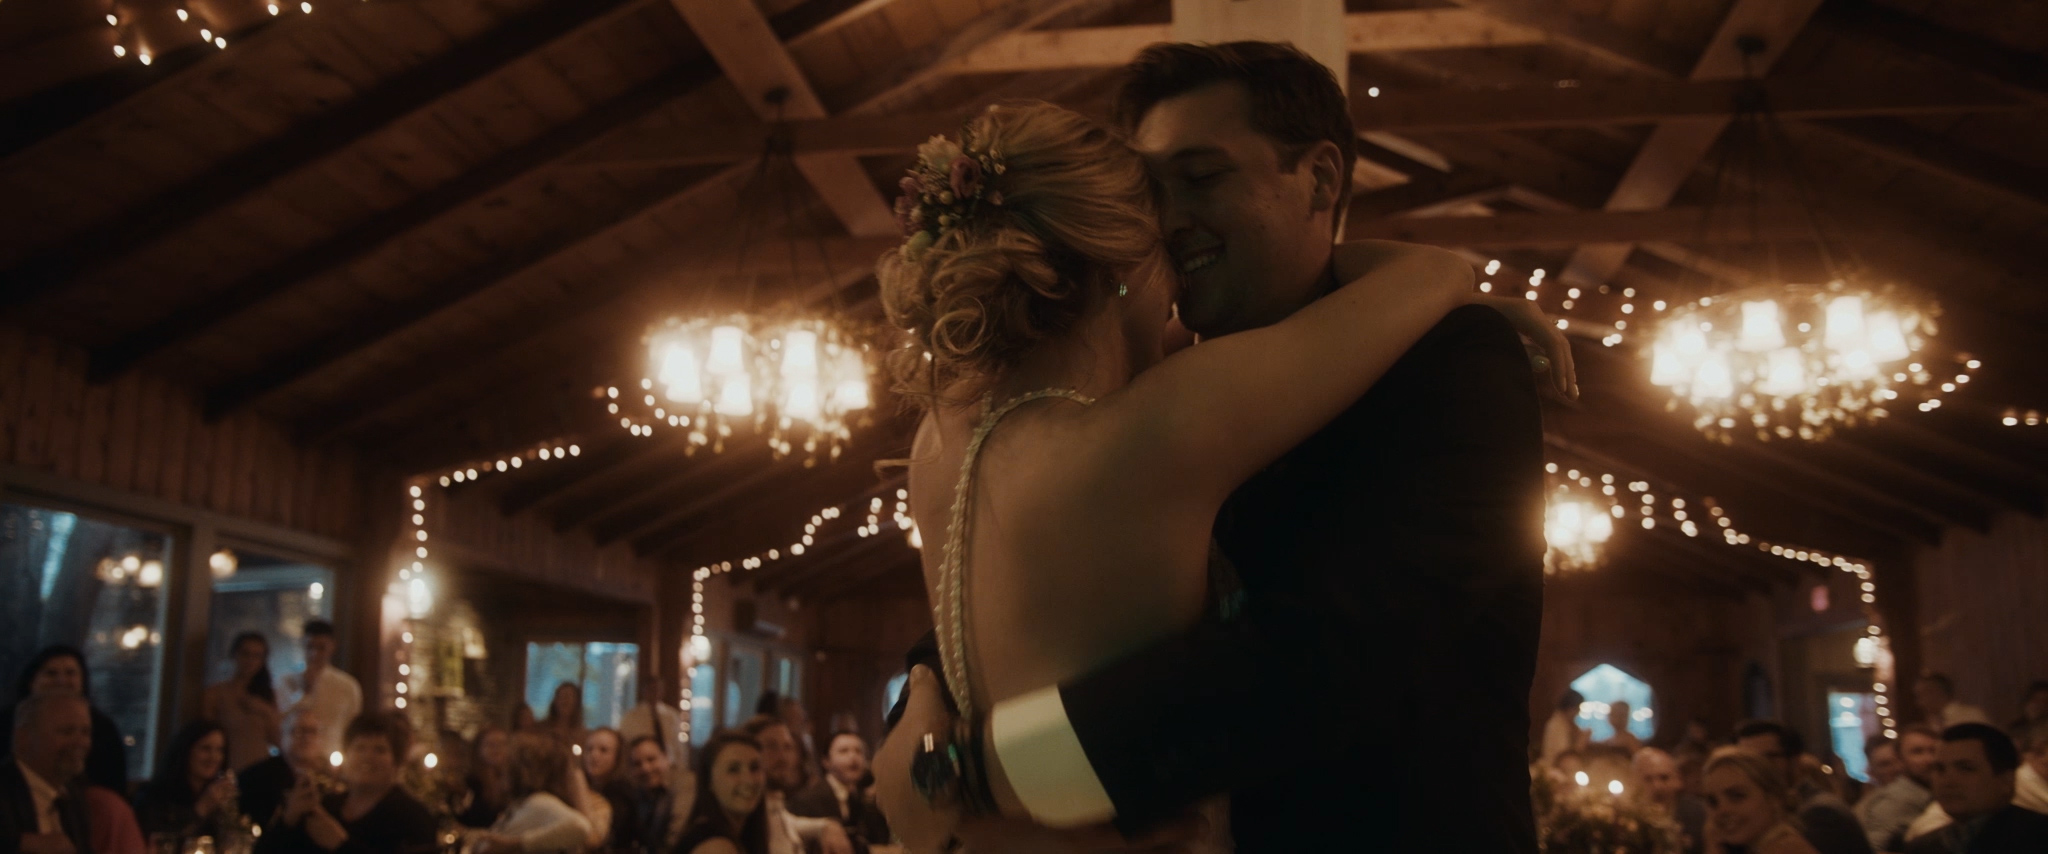 HAVENS_Wedding_Film.00_06_33_23.Still073.jpg